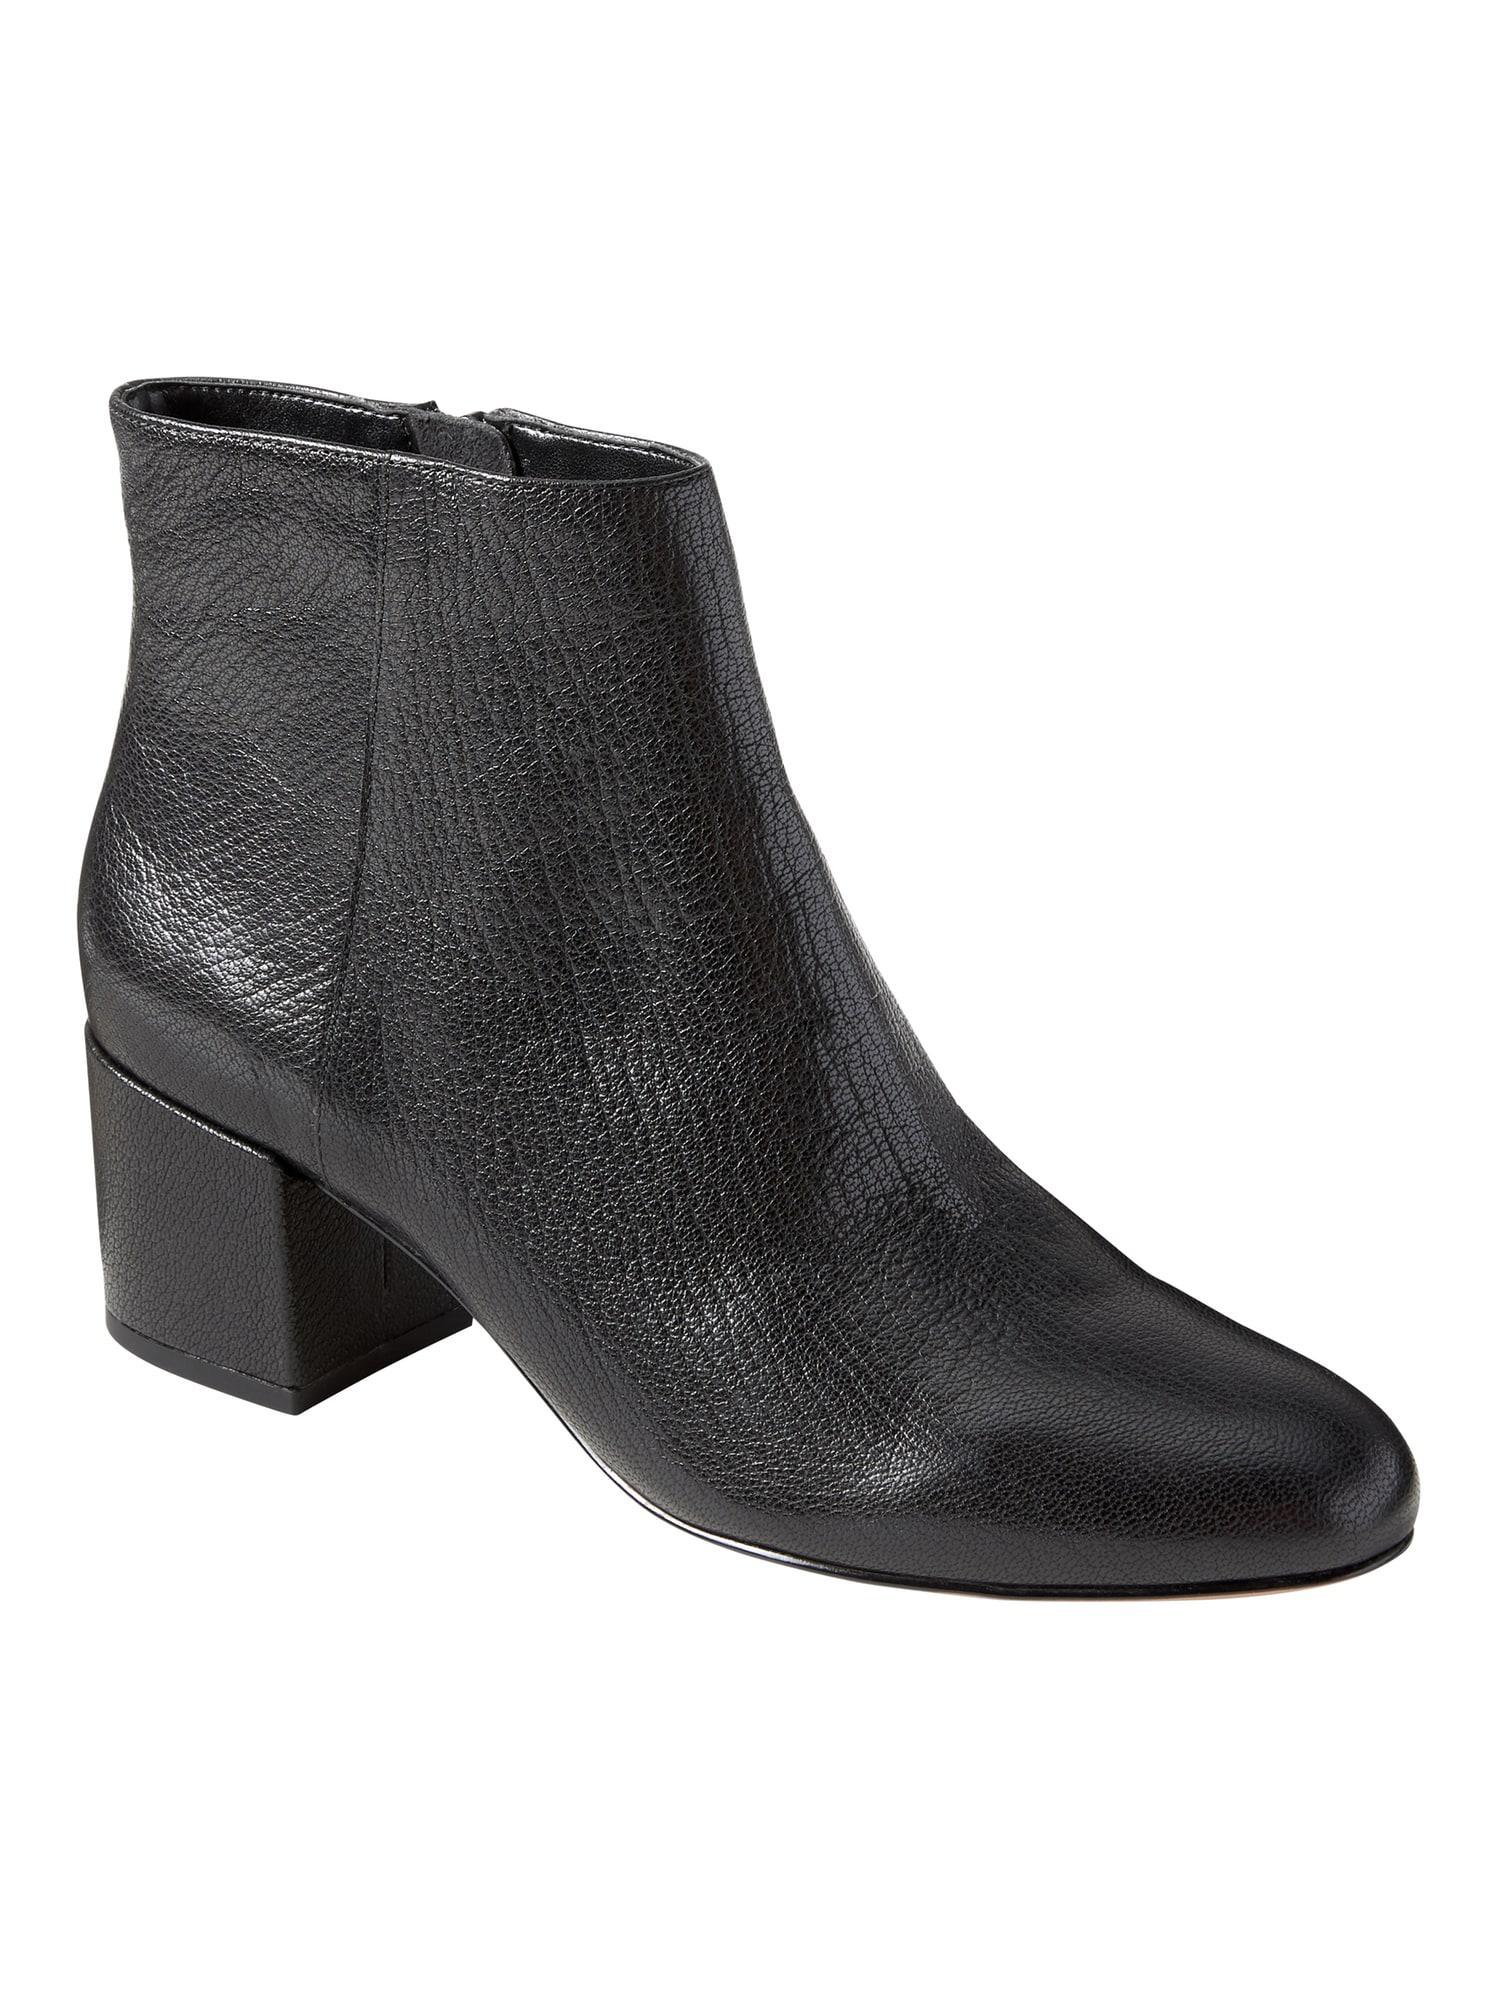 cf11da88666c Lyst - Banana Republic Low Block-heel Bootie in Black - Save 29%